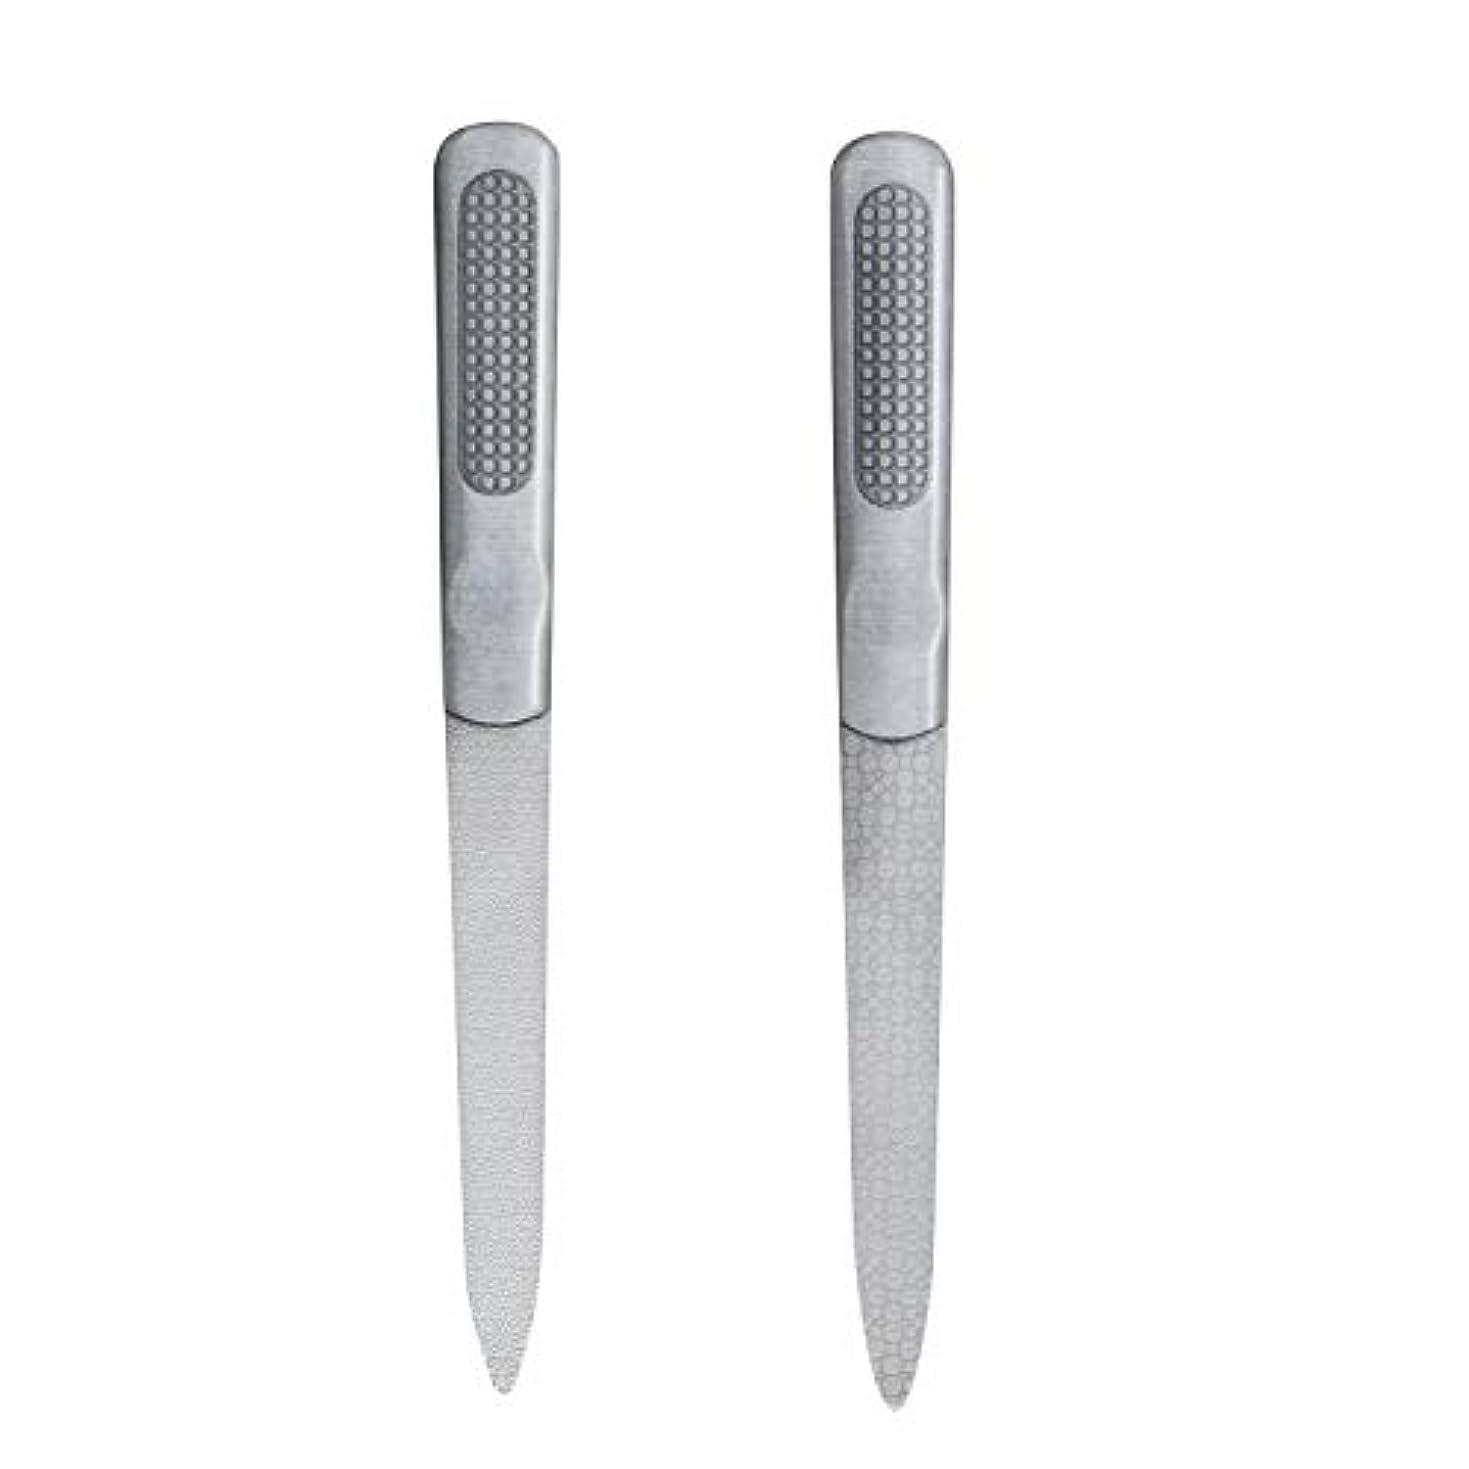 非常に正気精神CIPOW爪やすり 両面タイプ ステンレスつめ削り 滑り止めのハンドル 爪磨き 2セット